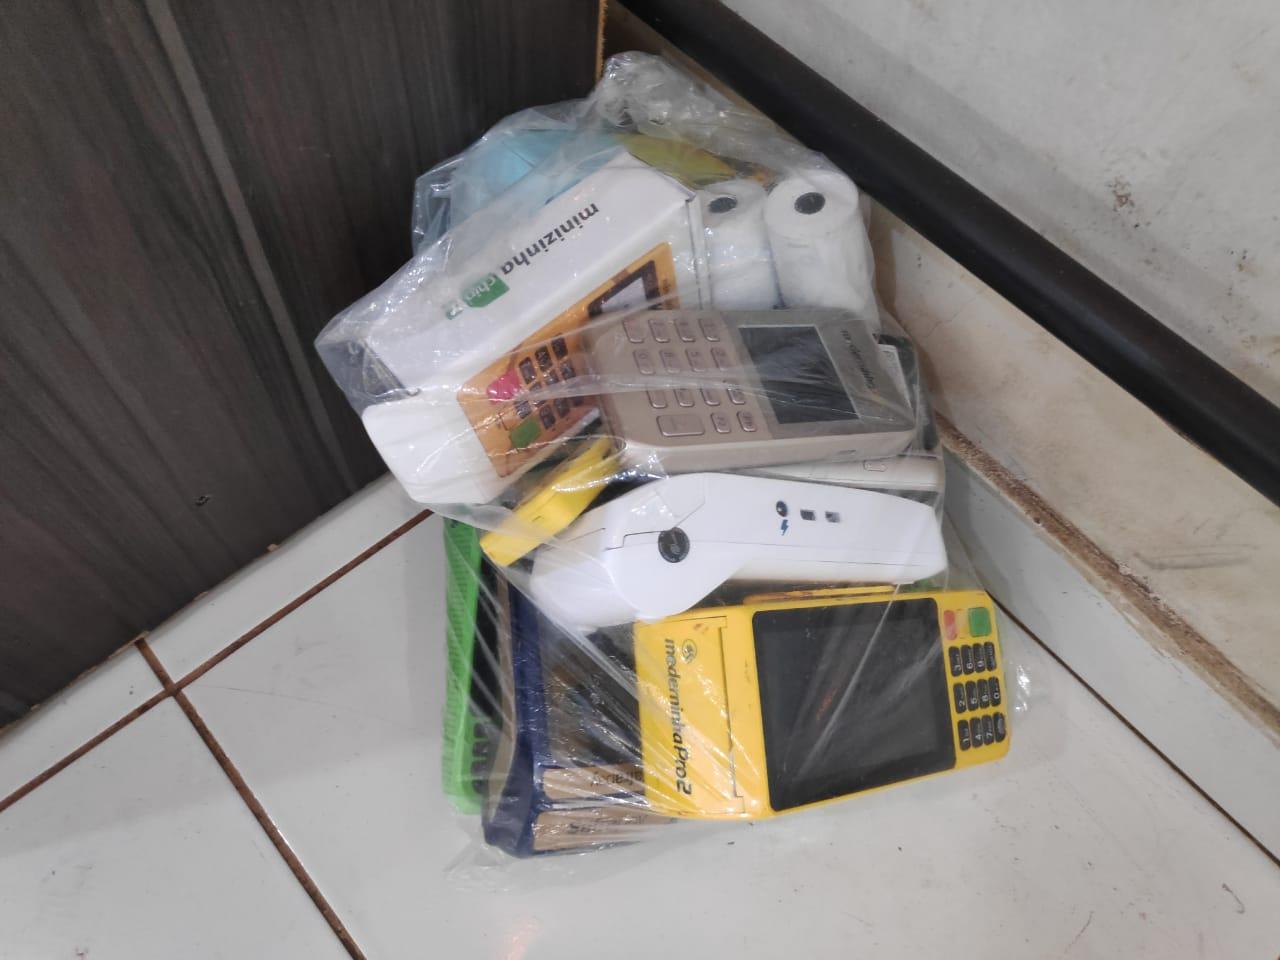 Máquinas de cartões usadas pelos criminosos